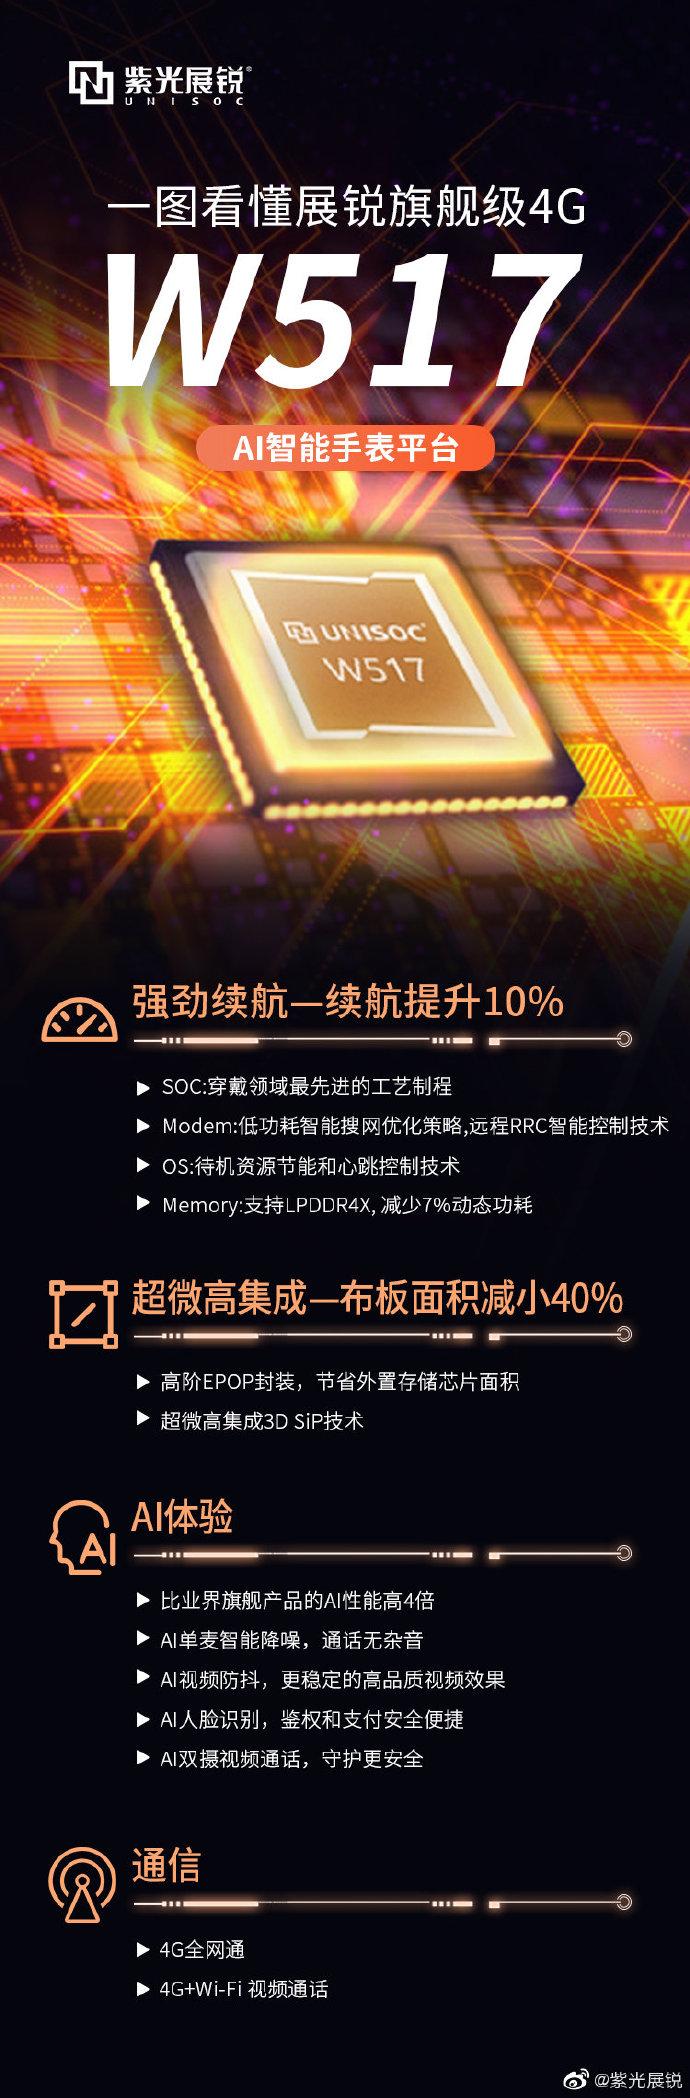 紫光展锐正式发布旗舰智能手表平台W517-玩懂手机网 - 玩懂手机第一手的手机资讯网(www.wdshouji.com)